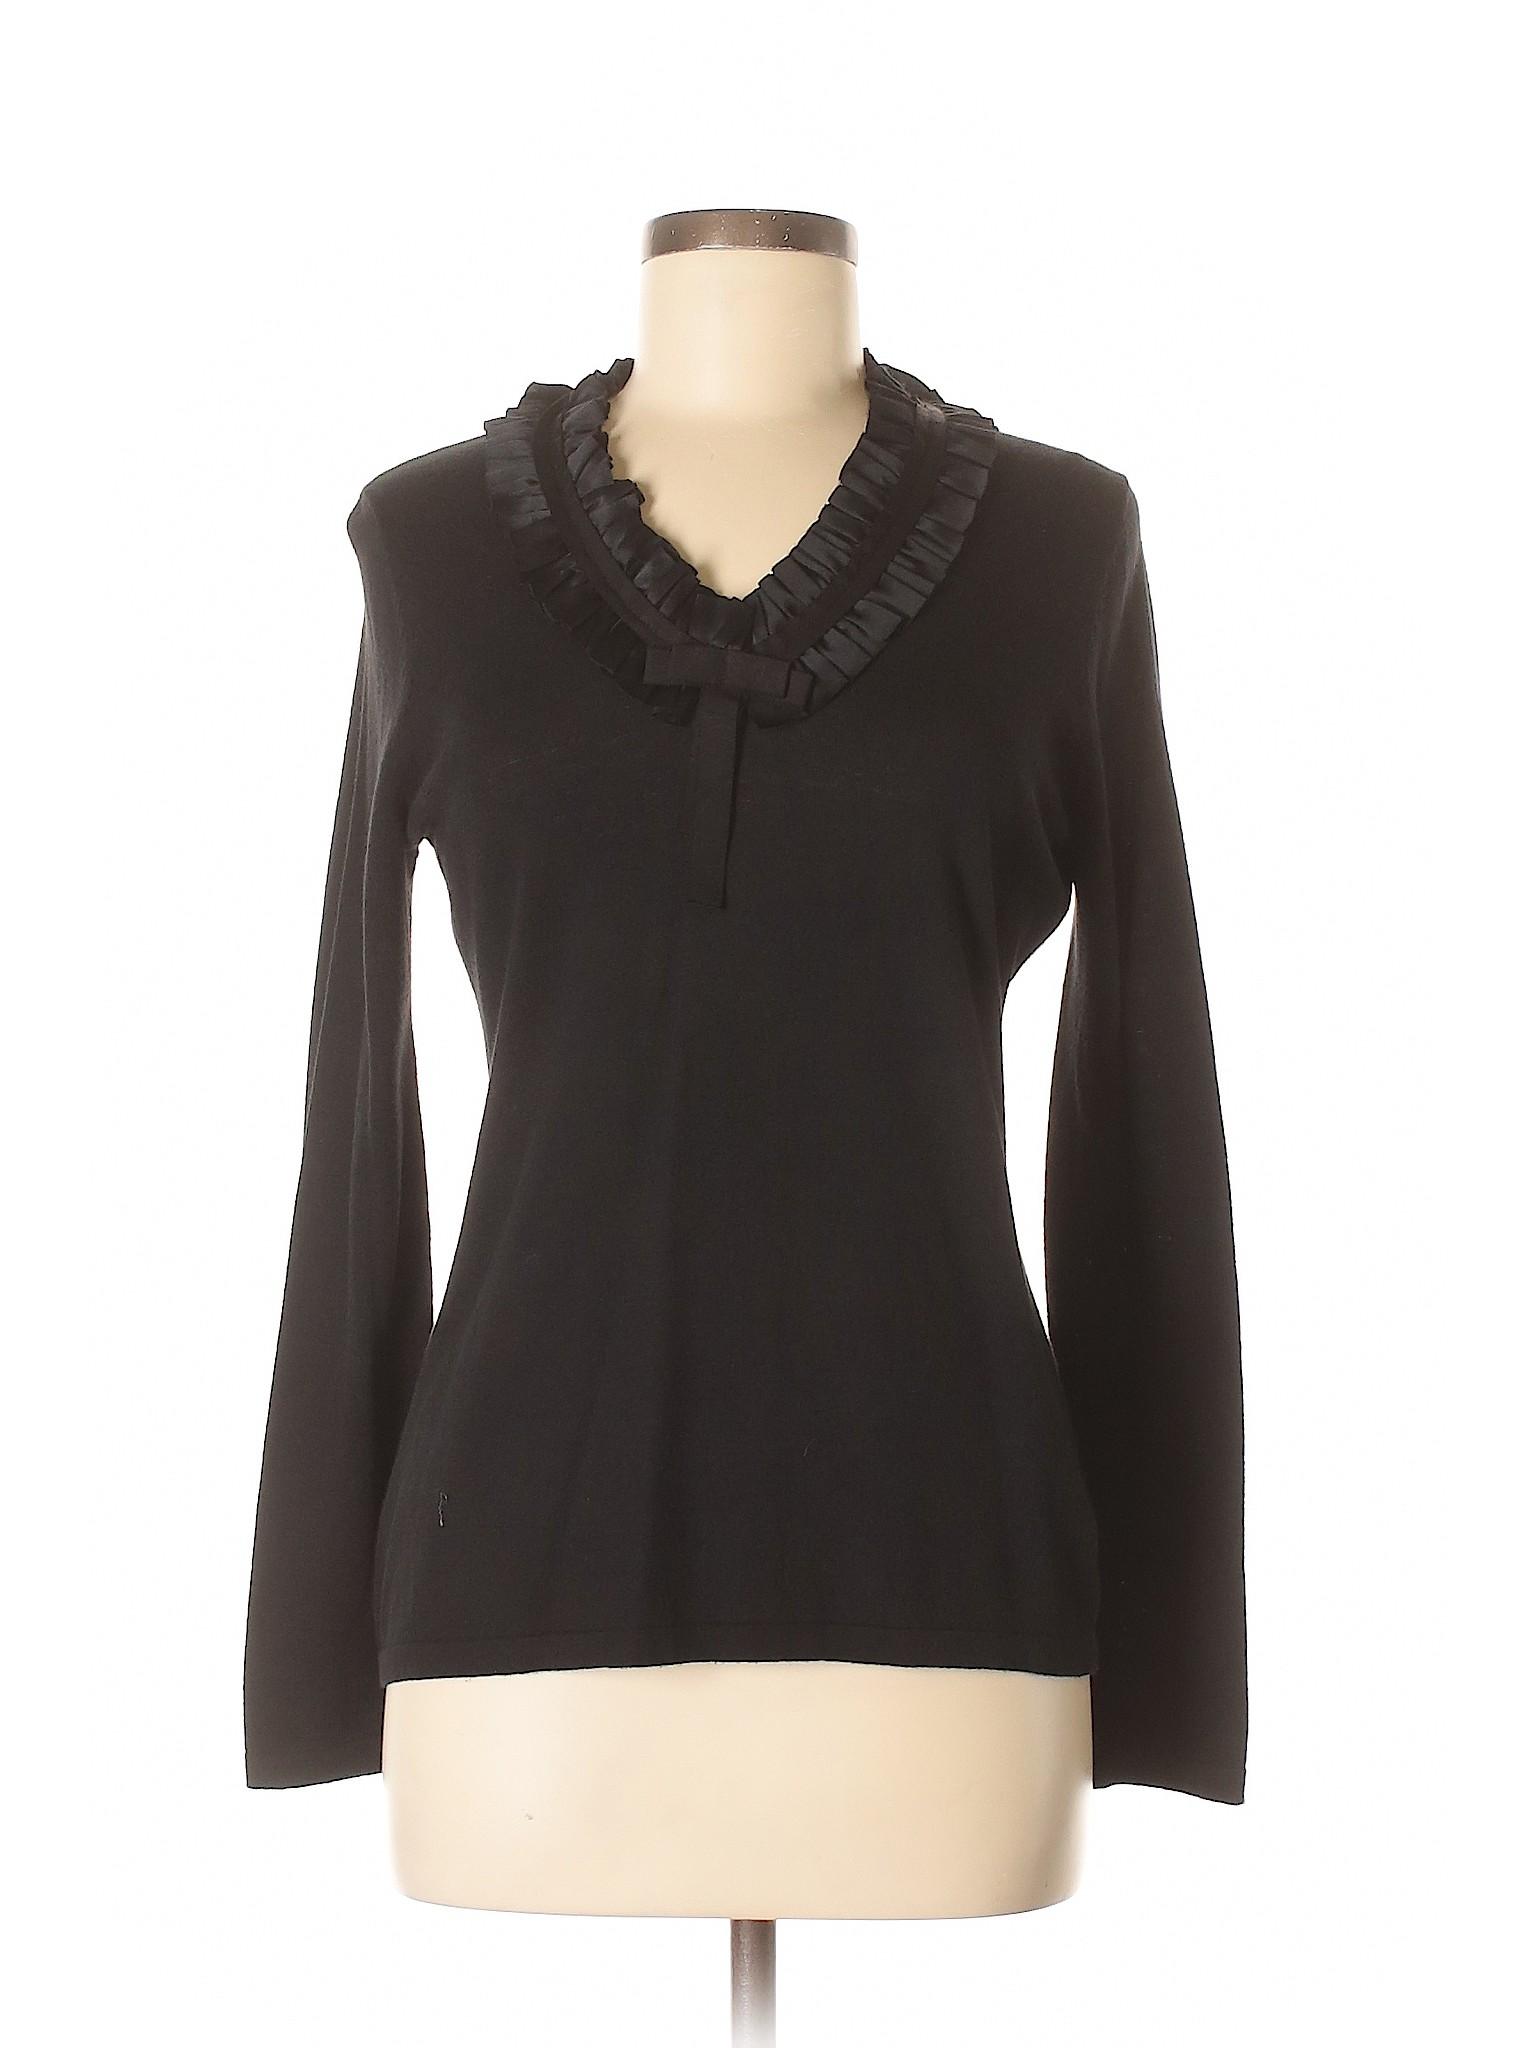 Etcetera Boutique Pullover winter Boutique Sweater winter Pullover Boutique Sweater Pullover Sweater Etcetera Boutique winter Etcetera Y7TqTvw